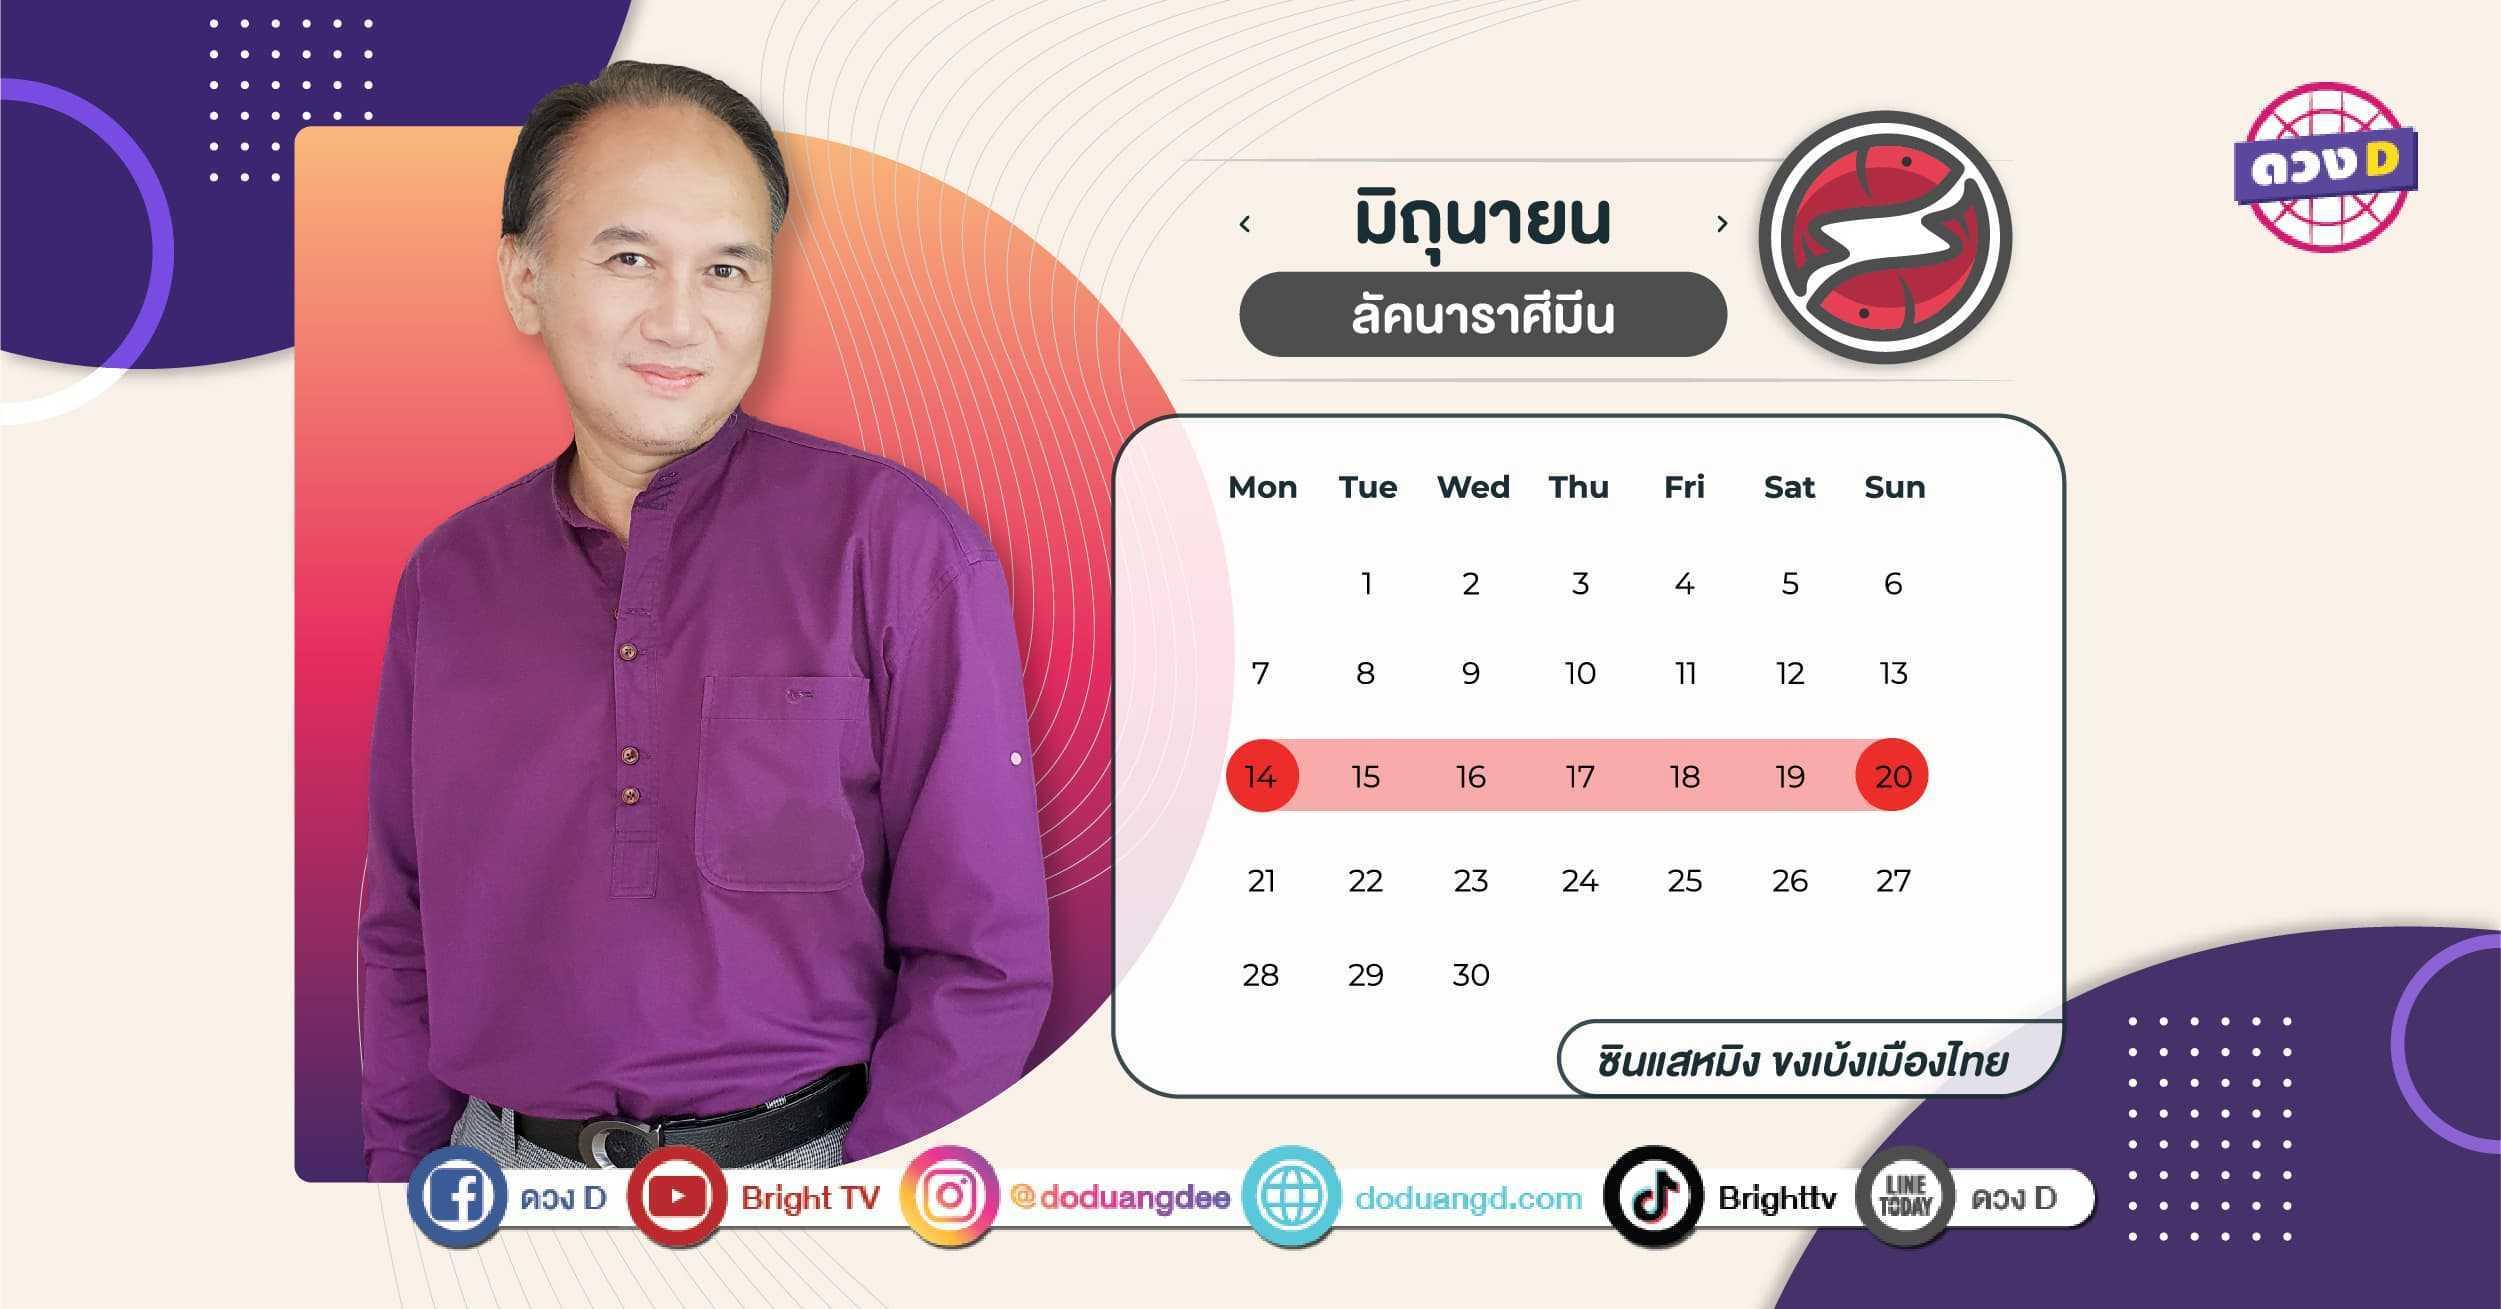 """(ลัคนาราศีมีน) """"ซินแสหมิง"""" ทำนายดวงชะตารายสัปดาห์ ประจำวันที่ 14-20 มิถุนายน 2564"""